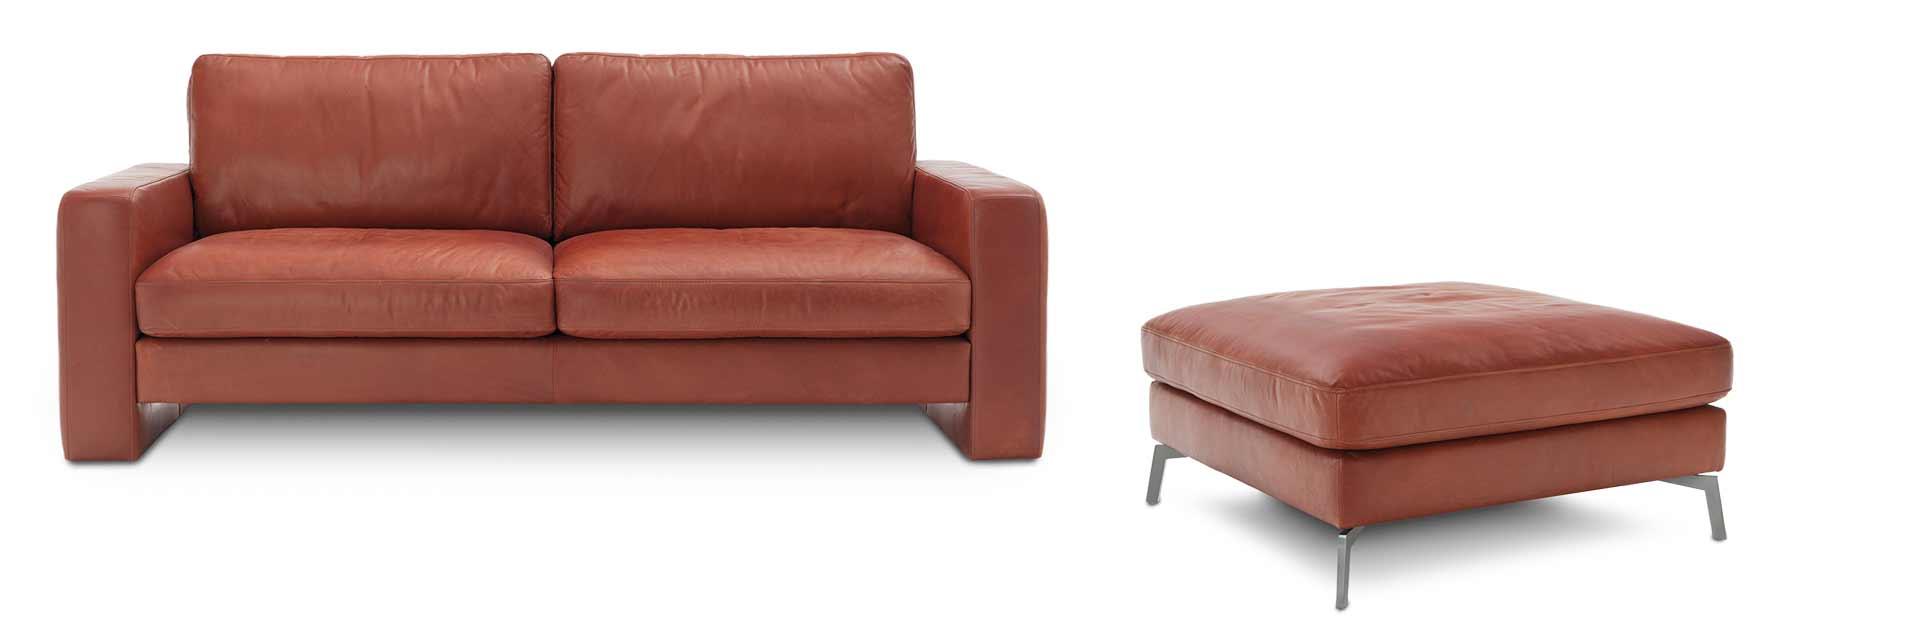 natura 9770 von natura einrichten in garbsen nahe hannover m bel hesse bestechende vielfalt. Black Bedroom Furniture Sets. Home Design Ideas